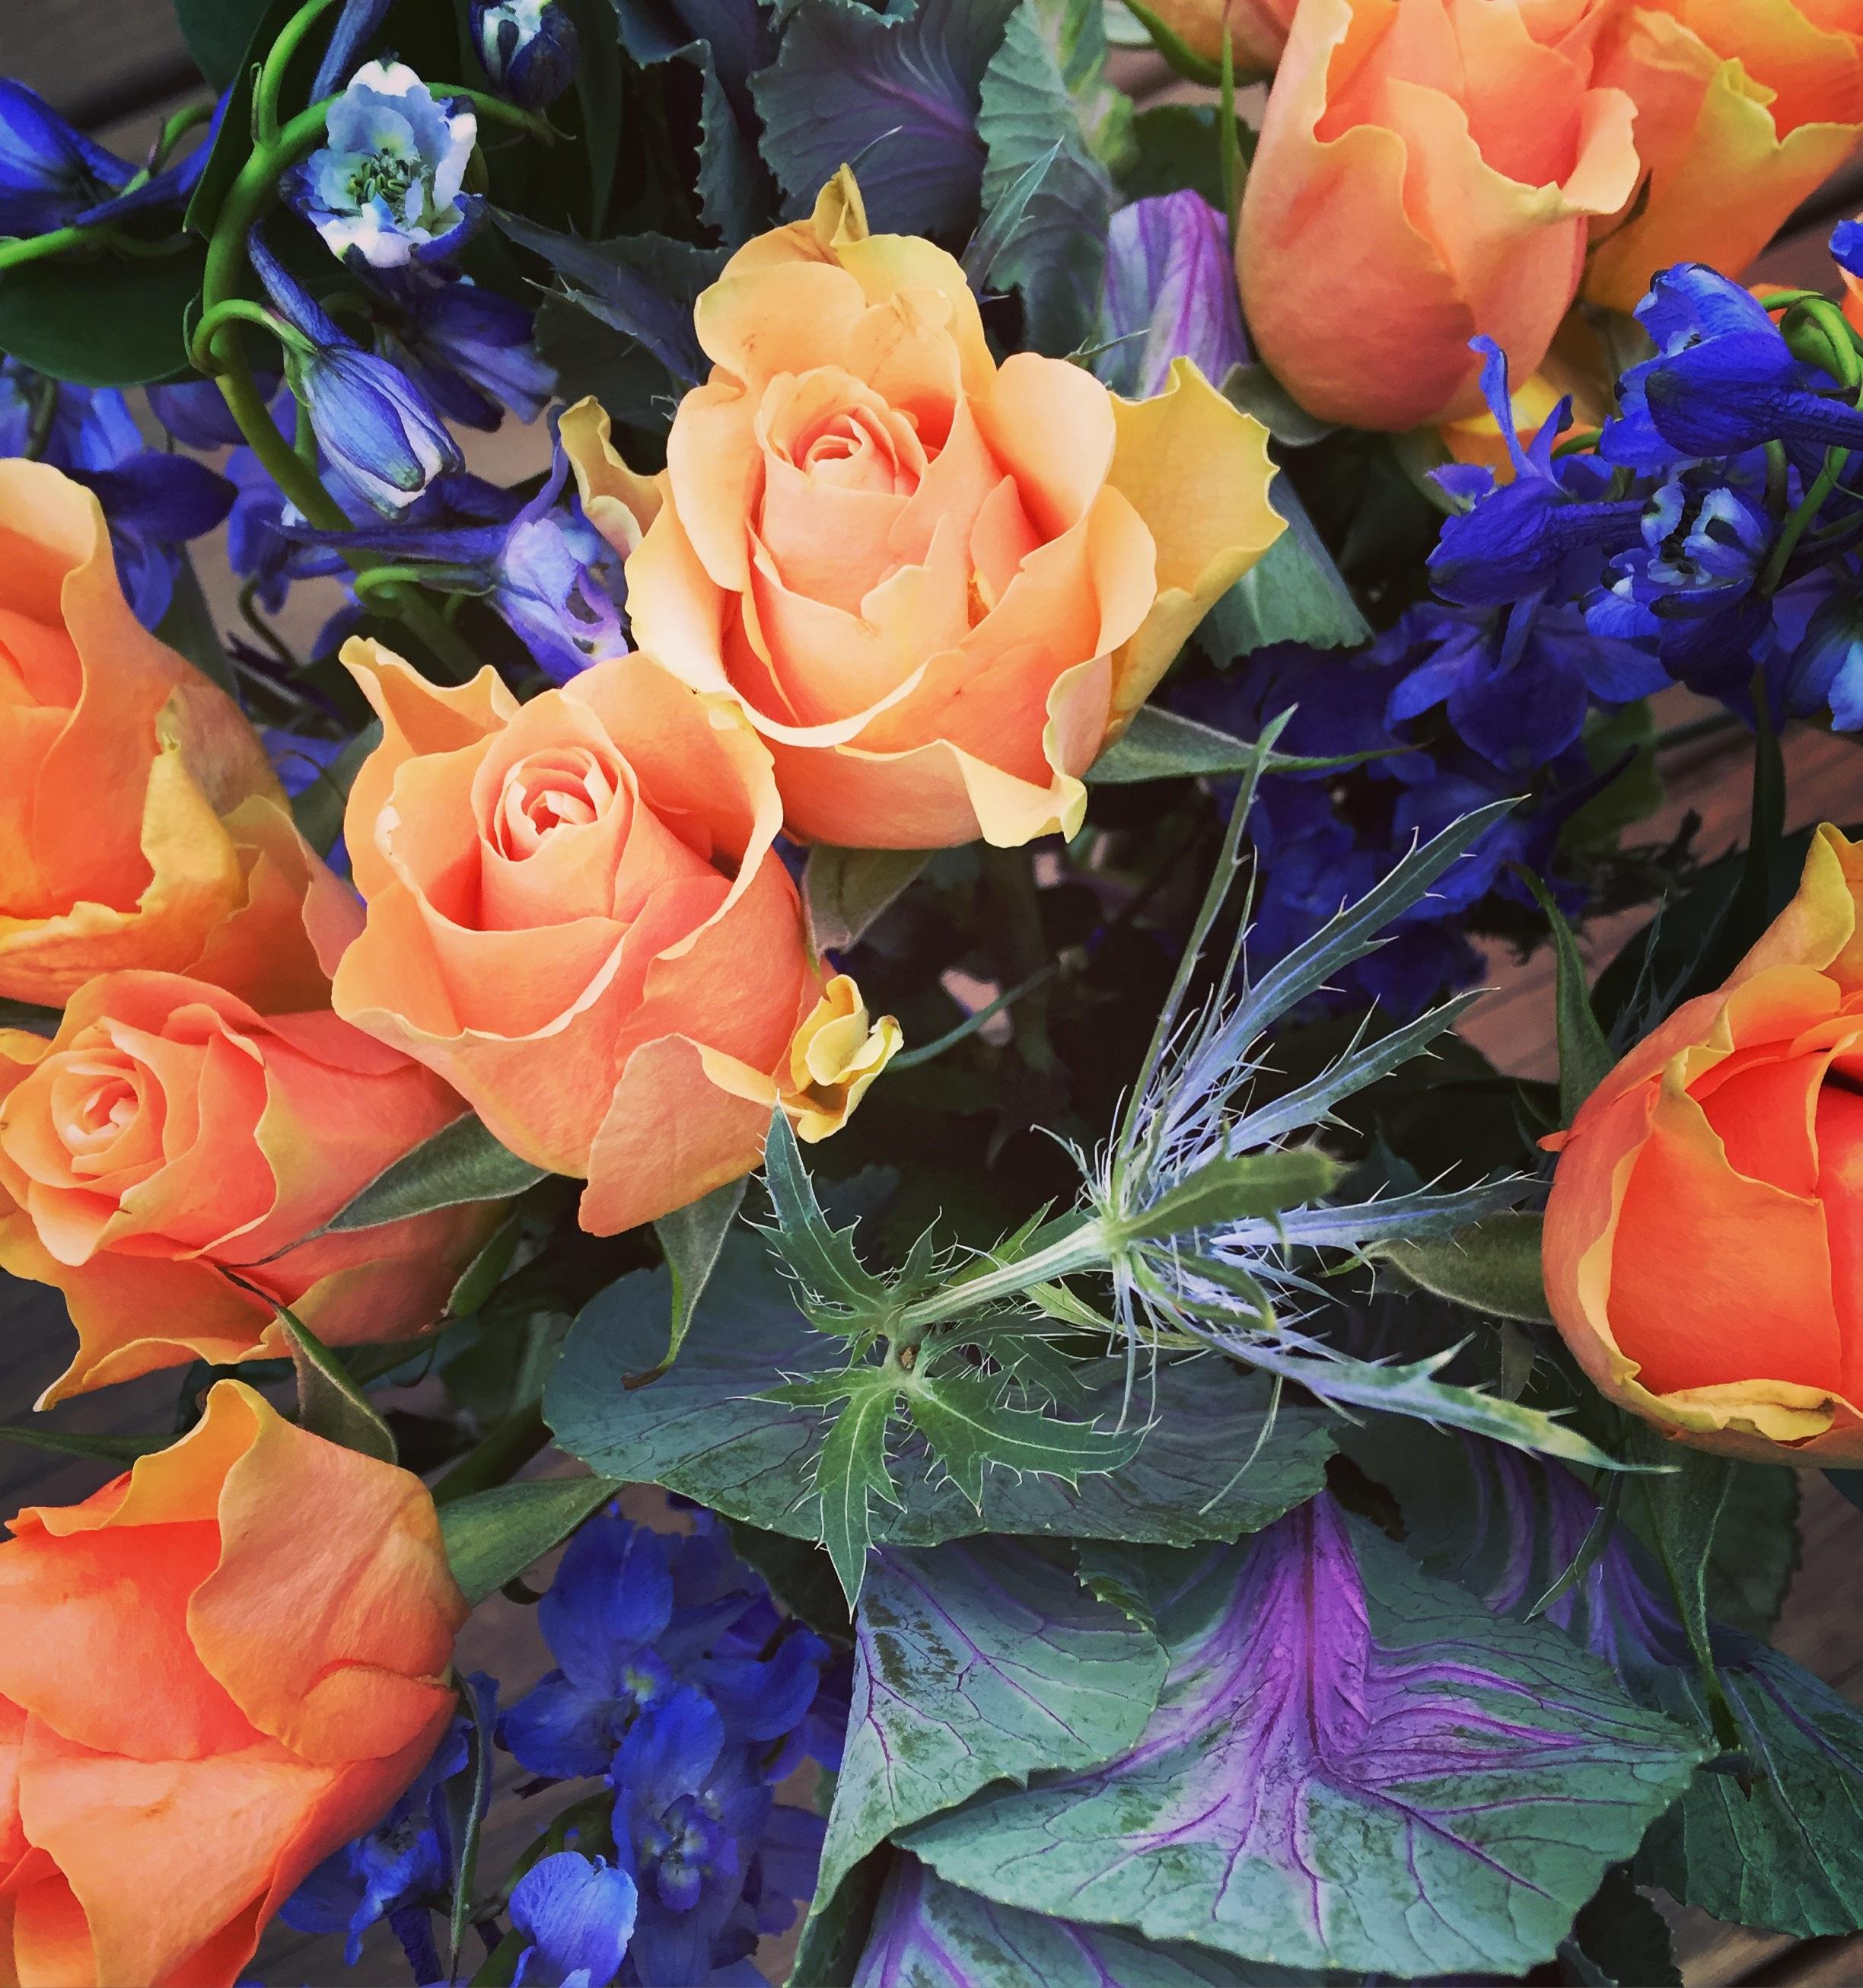 images gratuites : fleur, pétale, vert, frais, romance, flore, des